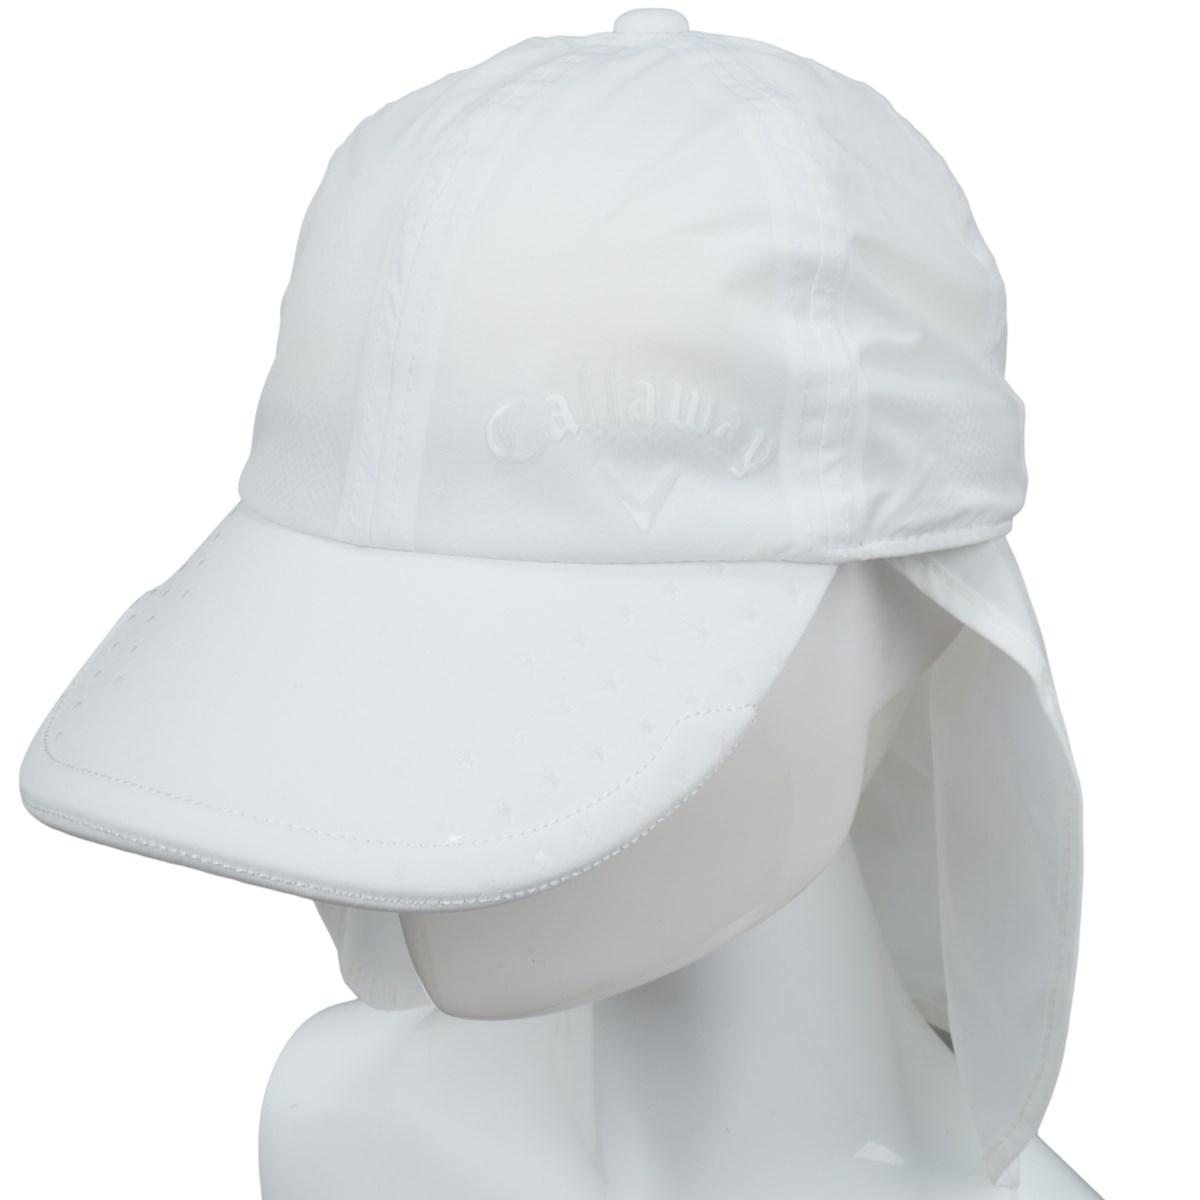 キャロウェイゴルフ Callaway Golf レインキャップ フリー ホワイト 030 レディス